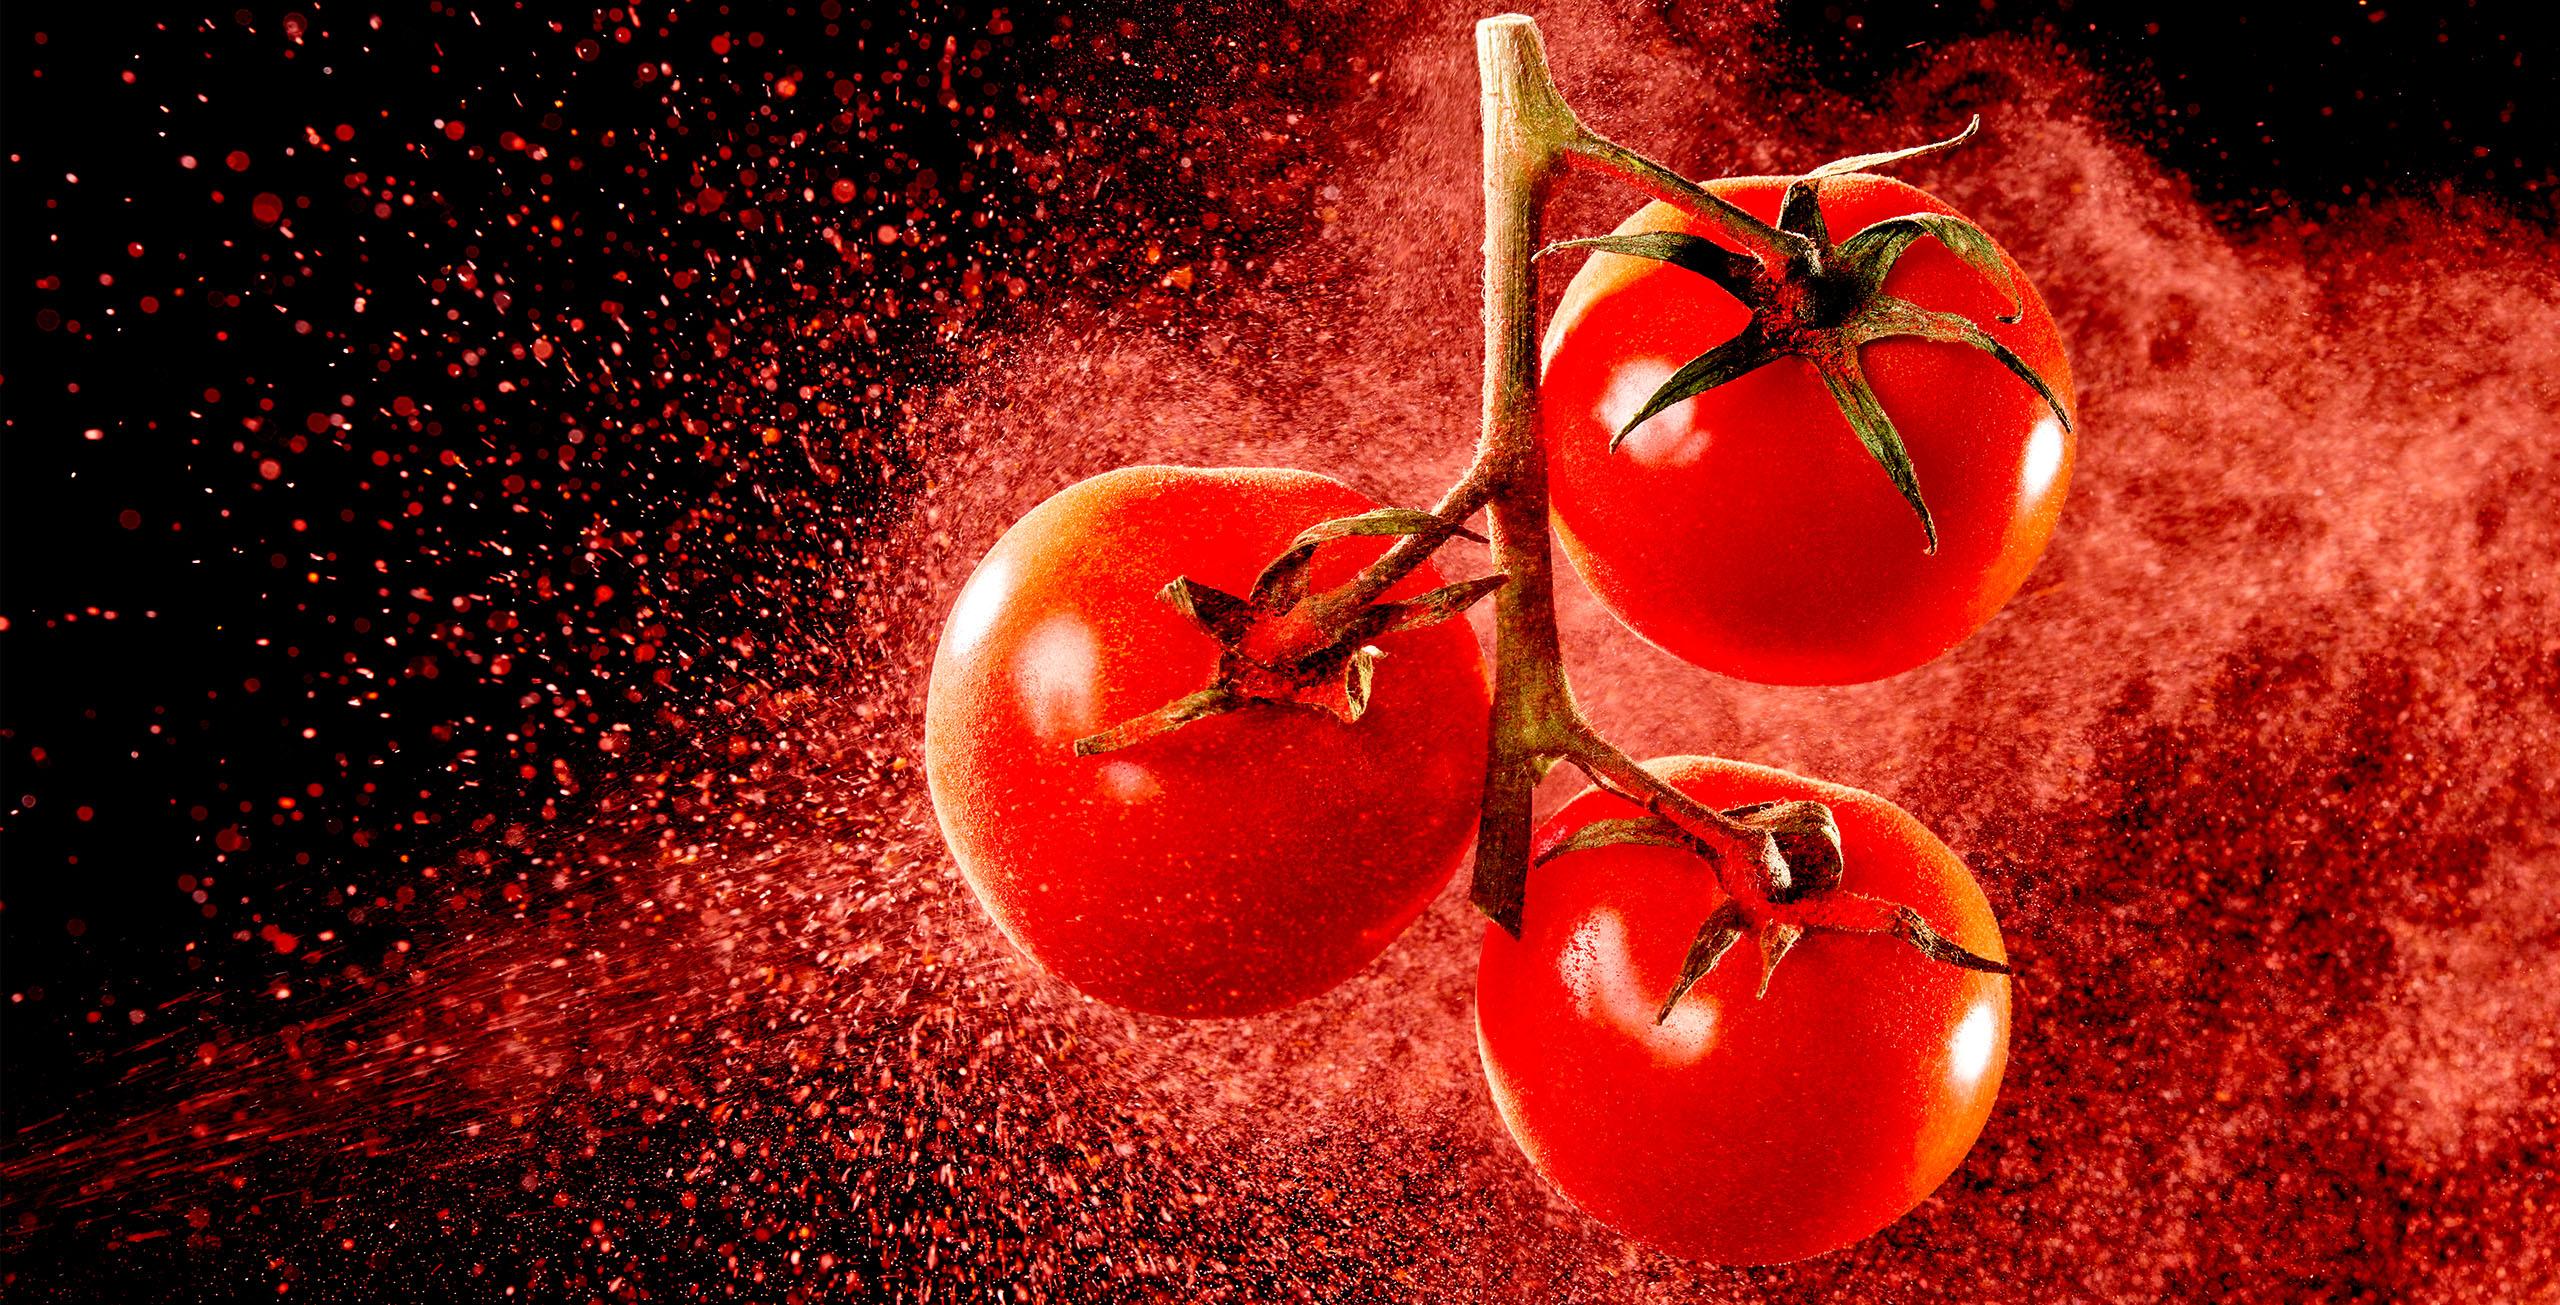 fromatech-poeder-explosie-tomaten